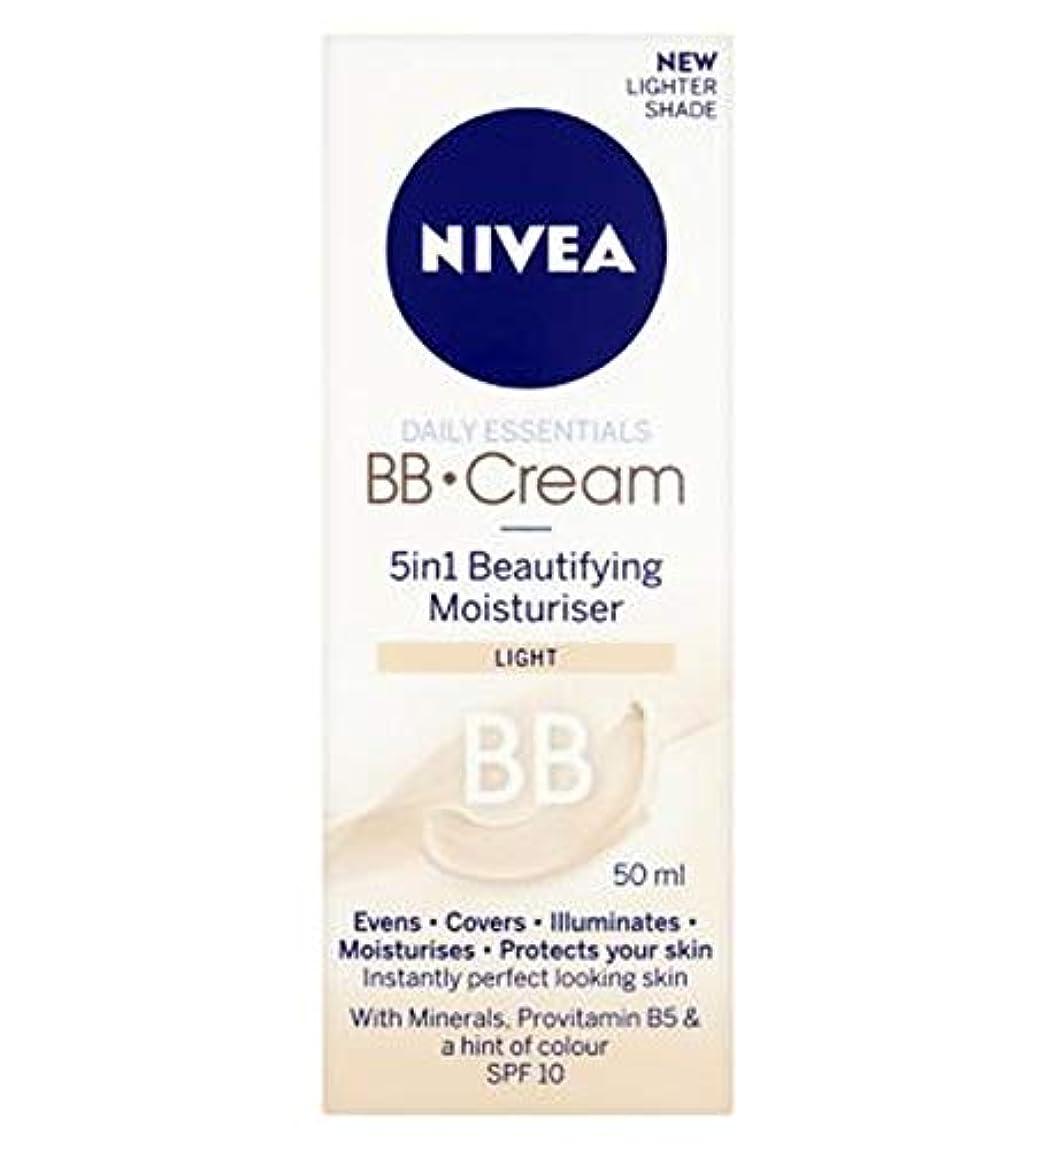 サーバント寄生虫ロープ[Nivea ] 1つの美容保湿光50ミリリットルでNivea?日常必需品のBbクリーム5 - Nivea? Daily Essentials Bb Cream 5 In 1 Beautifying Moisturiser...